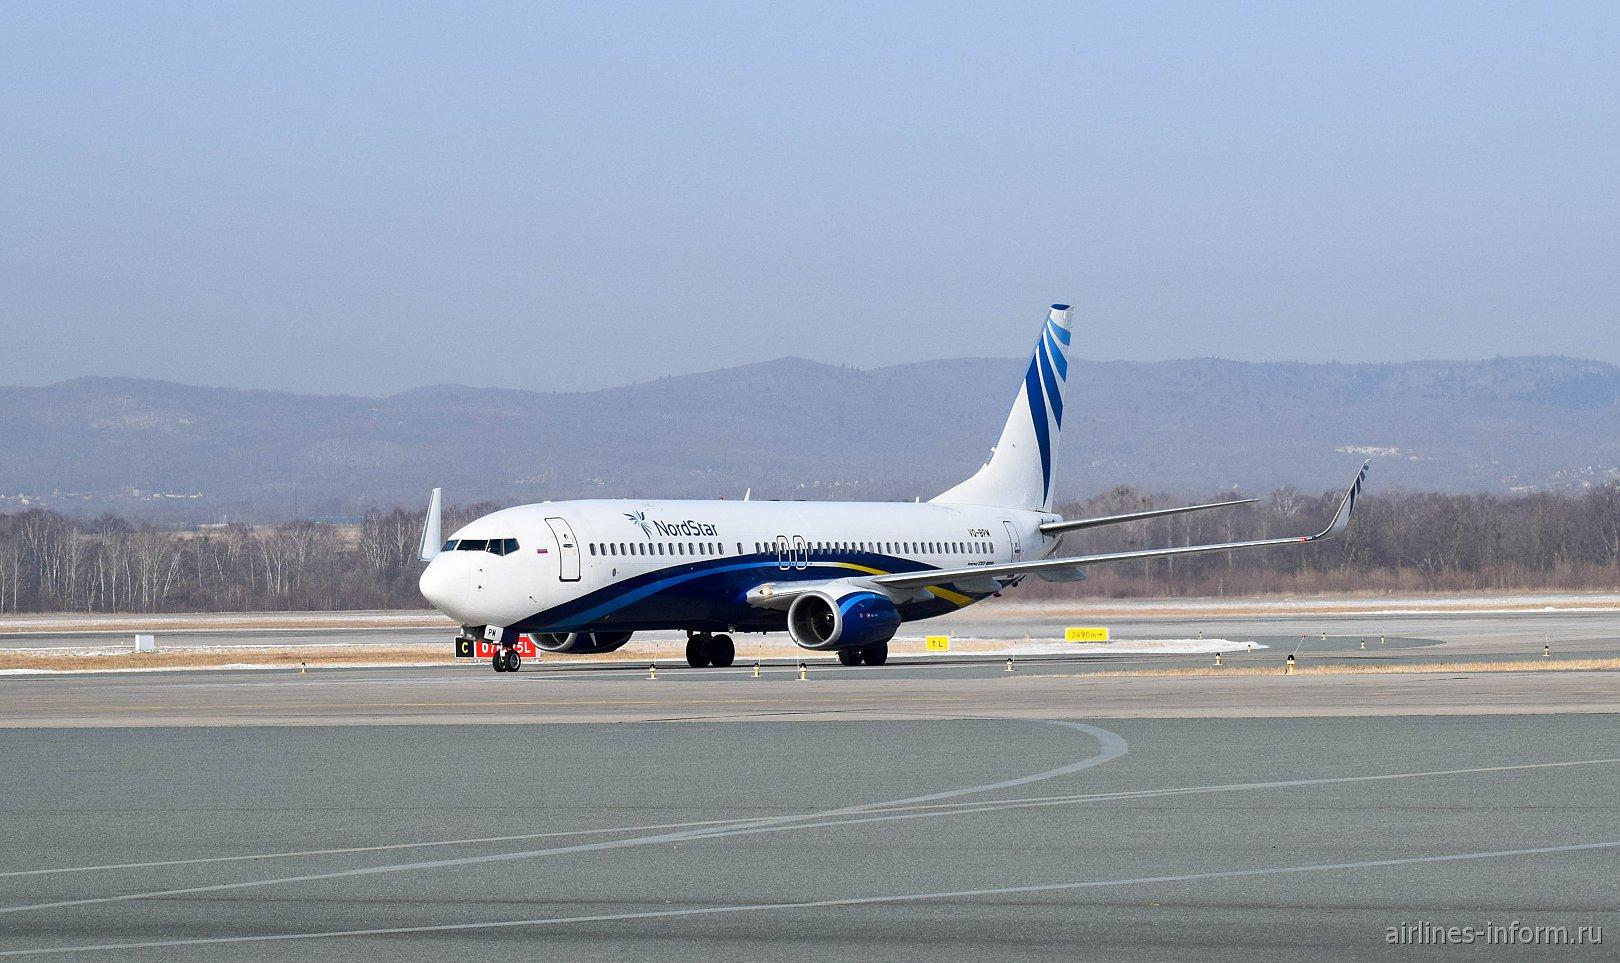 Самолет Boeing 737-800 VQ-BPM авиакомпании NordStar в аэропорту Владивостока